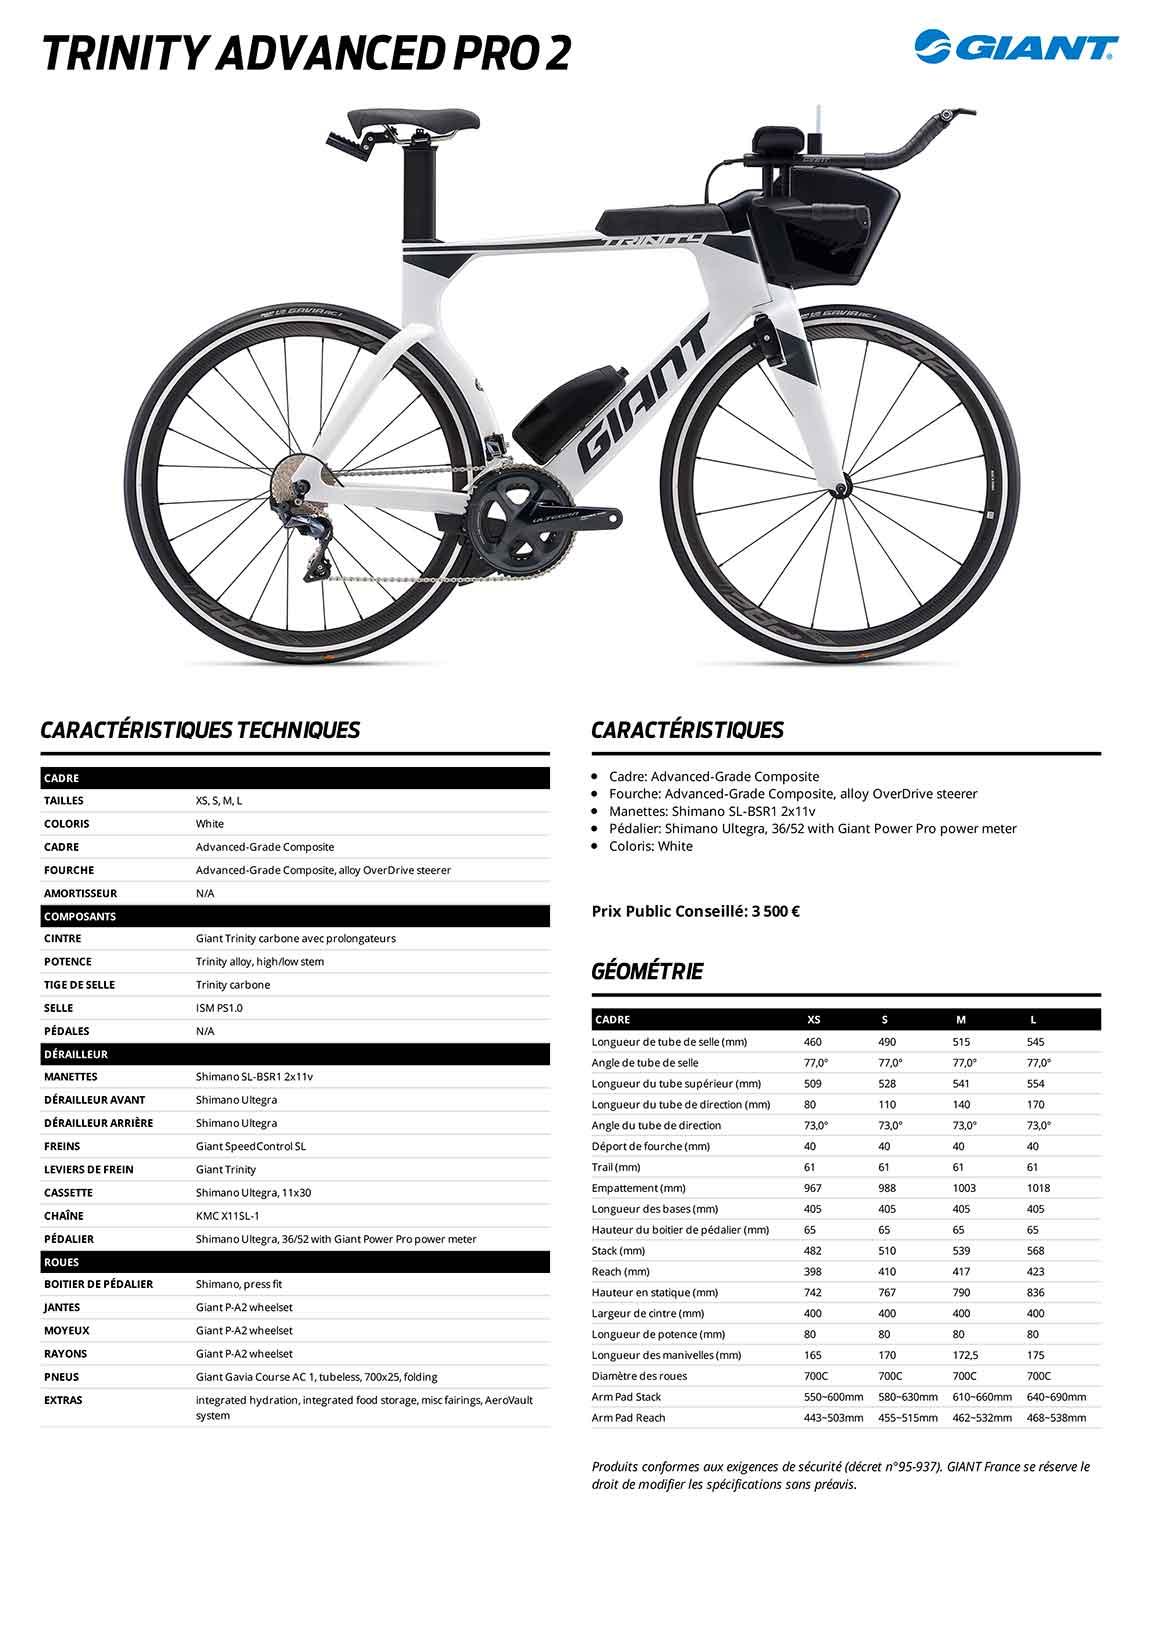 caractéristiques du vélo contre la montre triathlon Giant Trinity Advanced Pro 2 2020